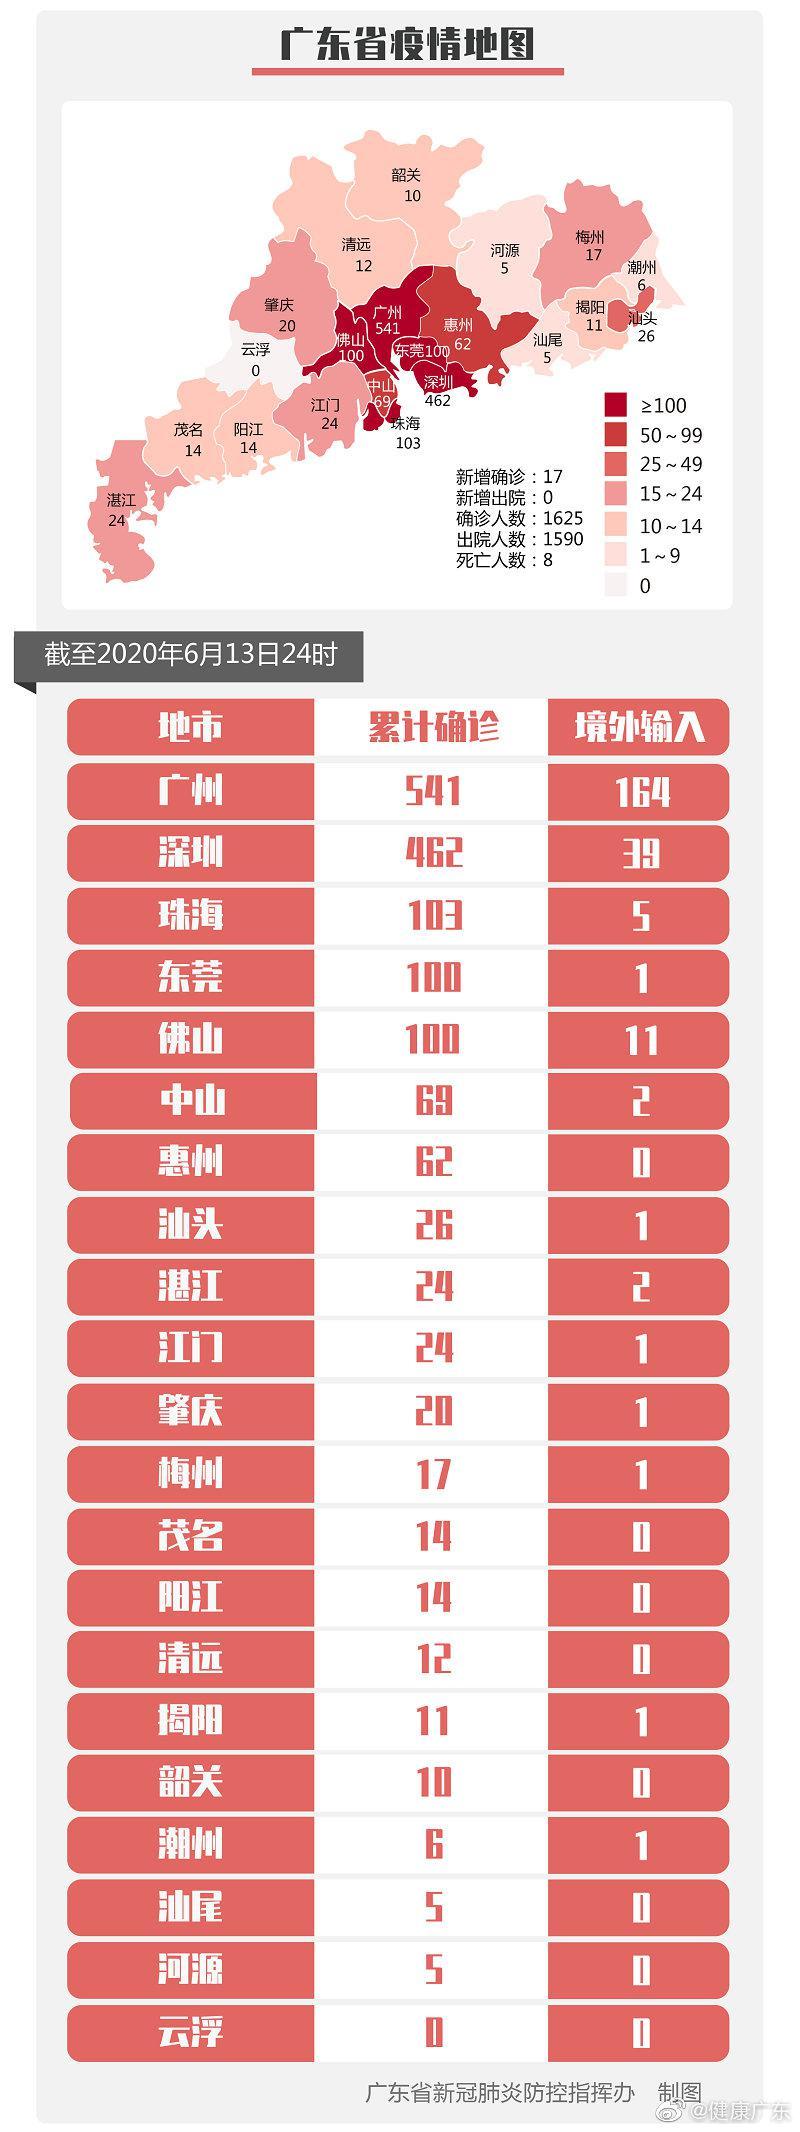 2020年6月14日广东省新冠肺炎疫情情况图片